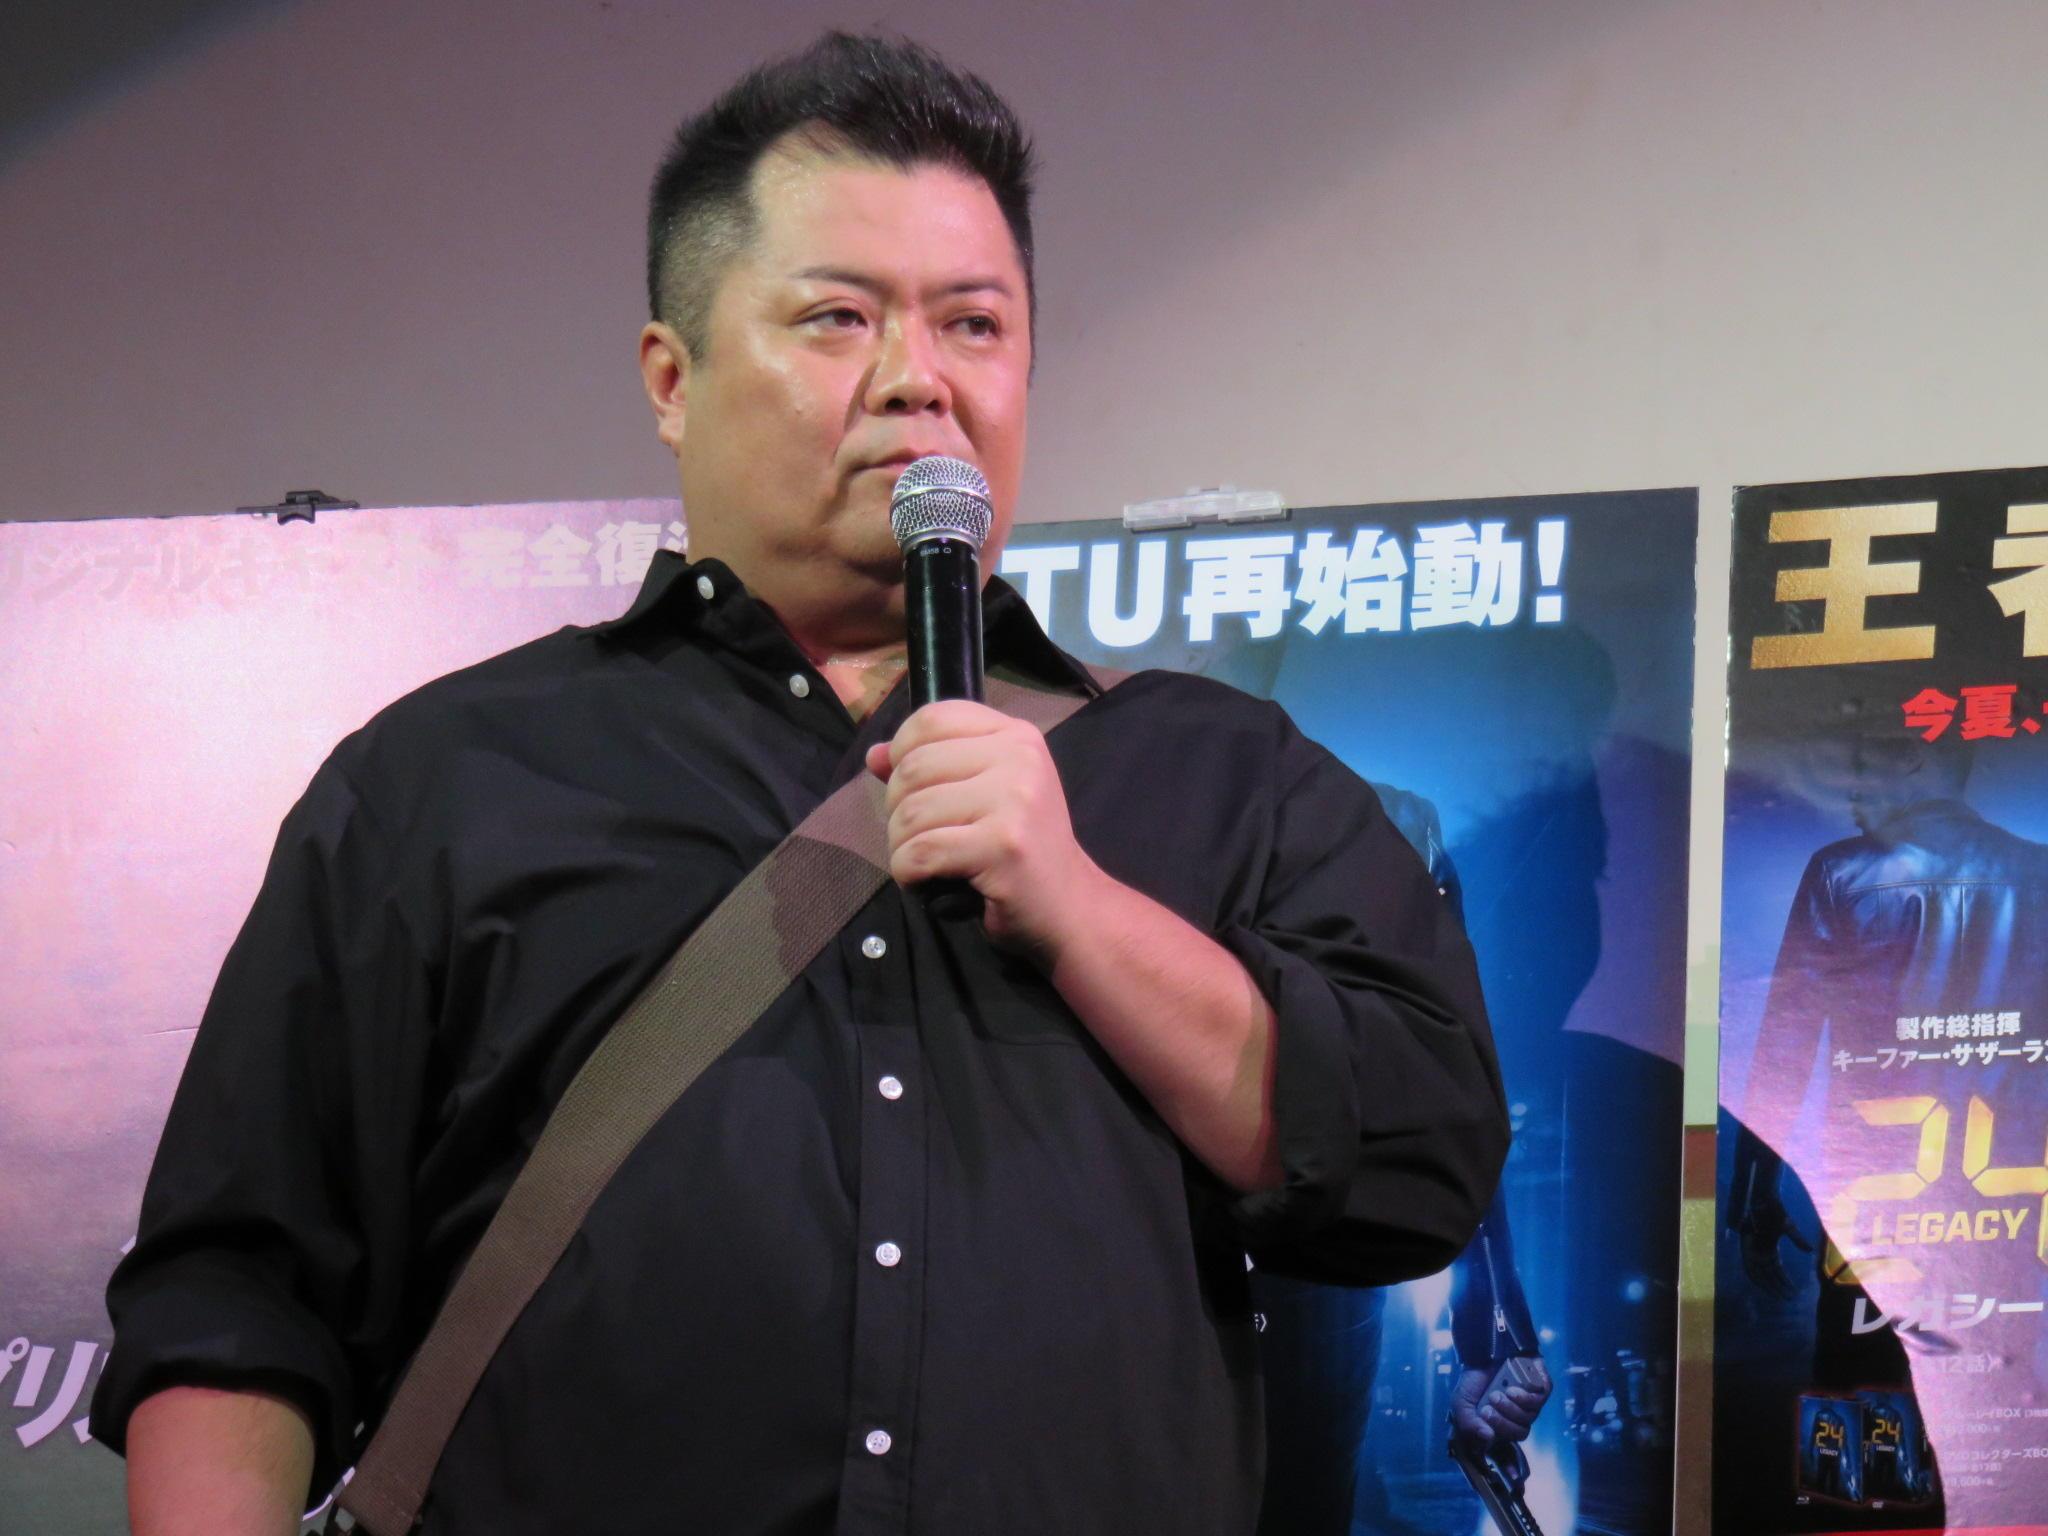 http://news.yoshimoto.co.jp/20170731181846-fecbdf7fb2650abde4f32084f41cca74de3dfe4f.jpg